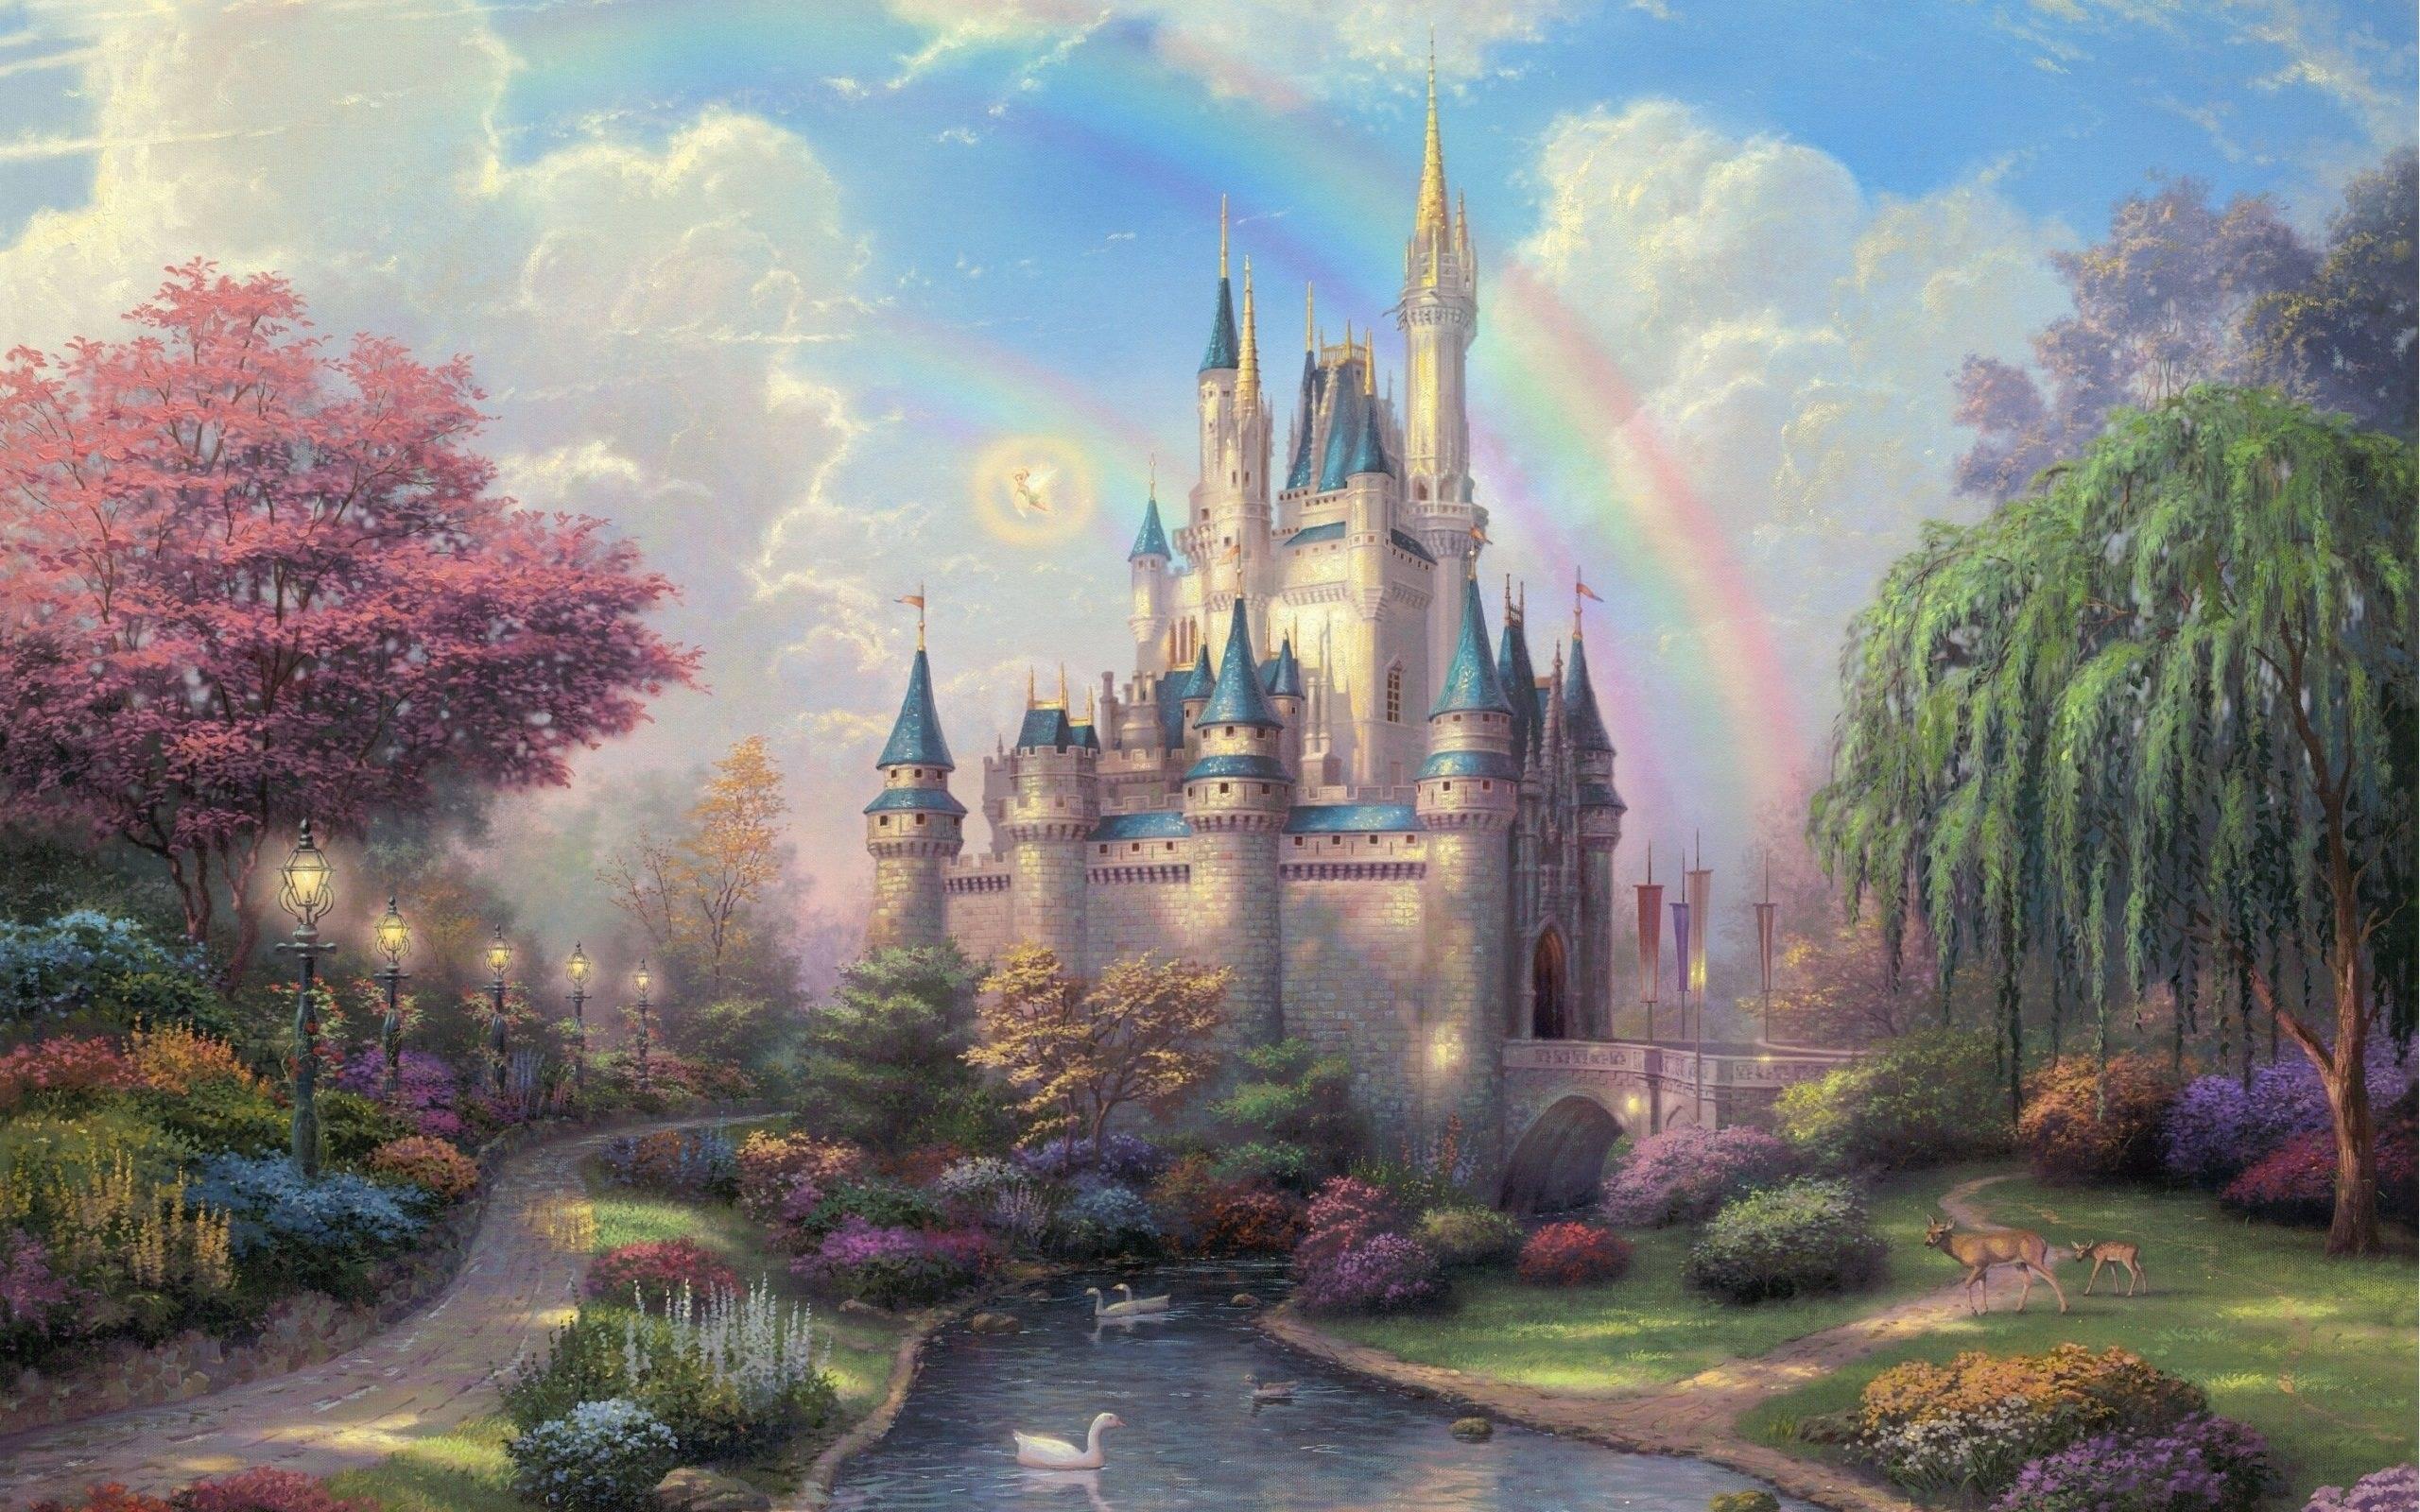 Disney Castle Backgrounds